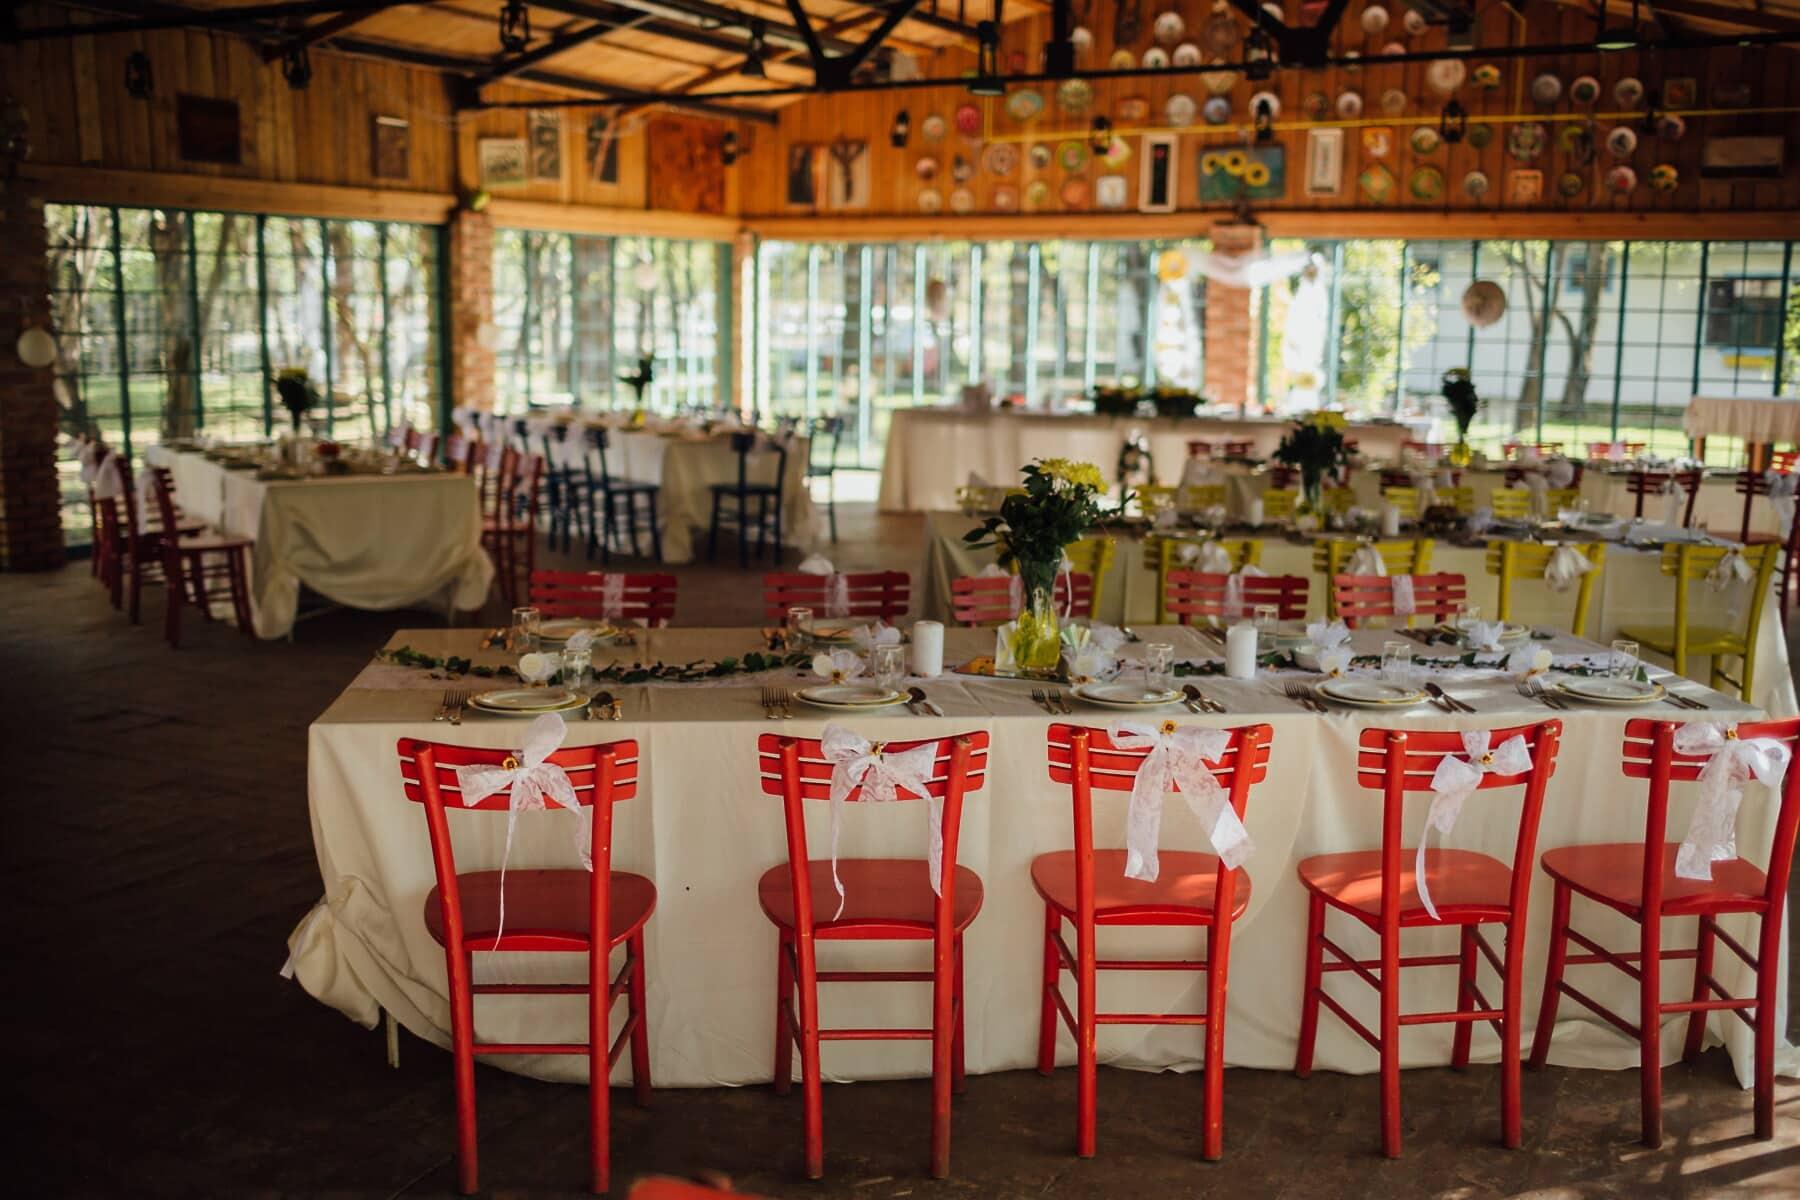 Jahrgang, Möbel, Hochzeitsort, Restaurant, leere, Speise-, Stuhl, Sitz, Gebäude, Cafeteria